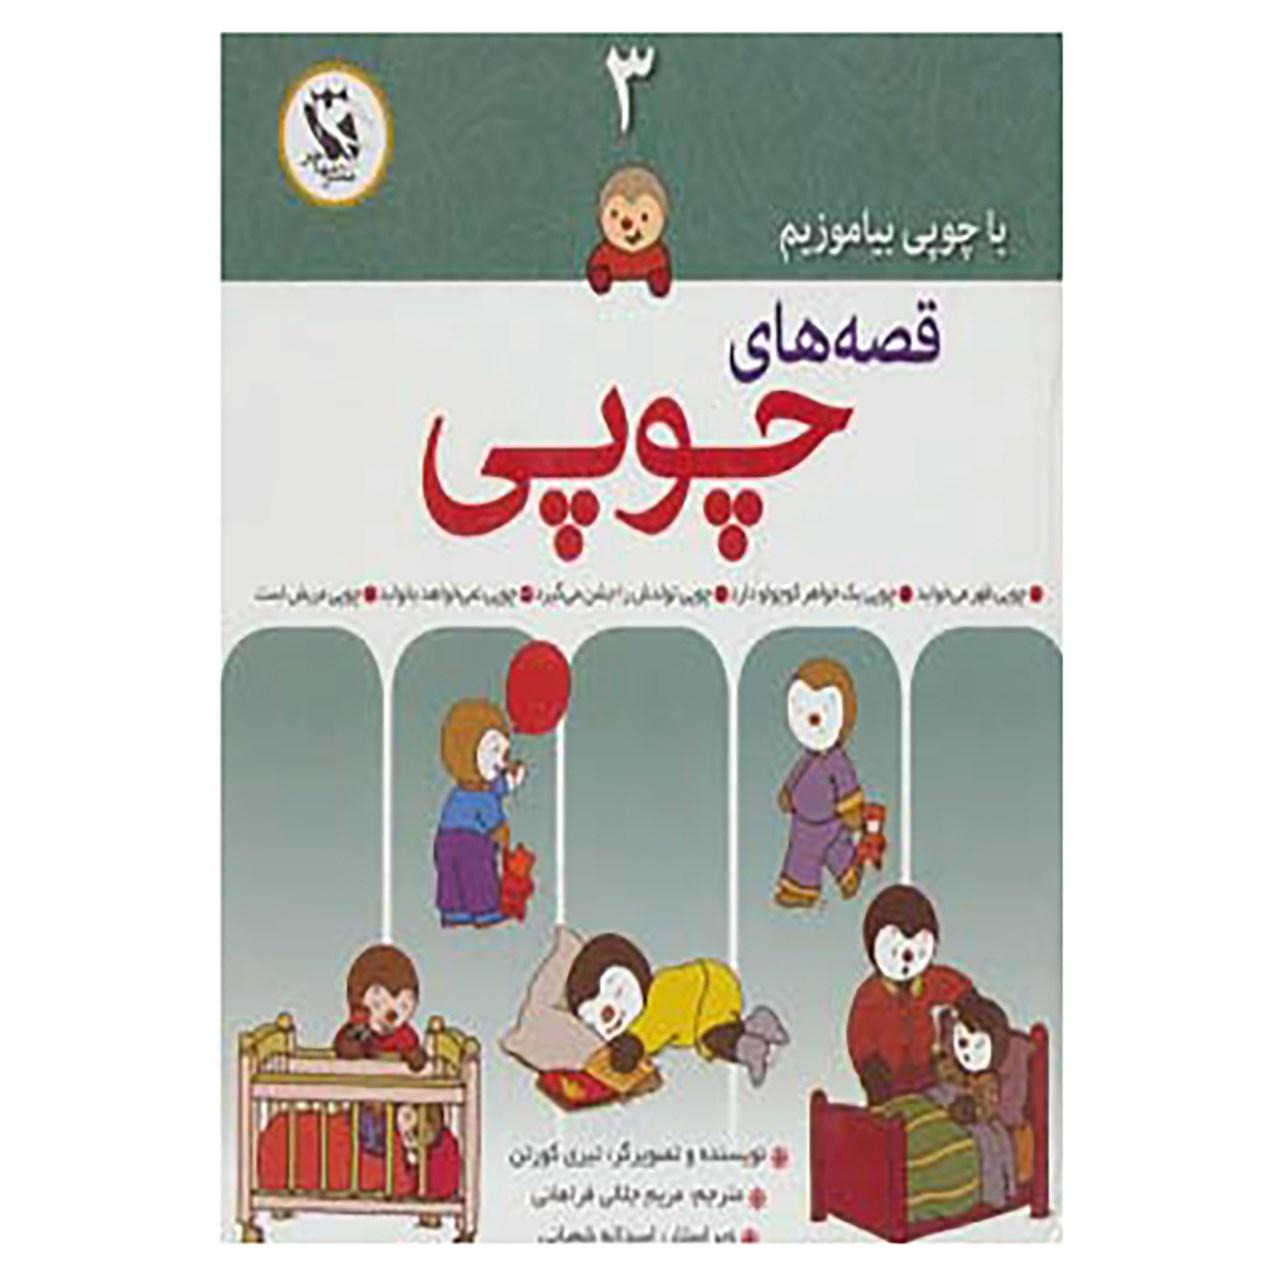 کتاب مجموعه قصه های چوپی 3 اثر تیری کورتن